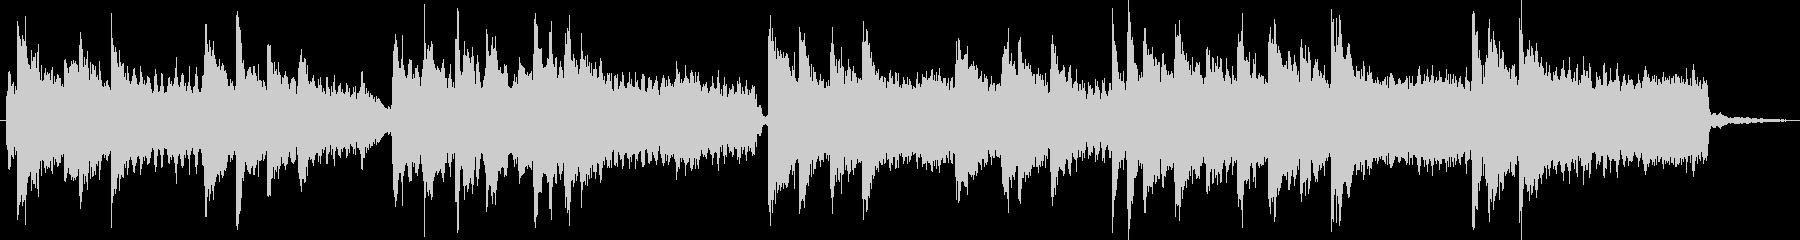 切なく壮大ピアノ/オルガン/ストリングスの未再生の波形